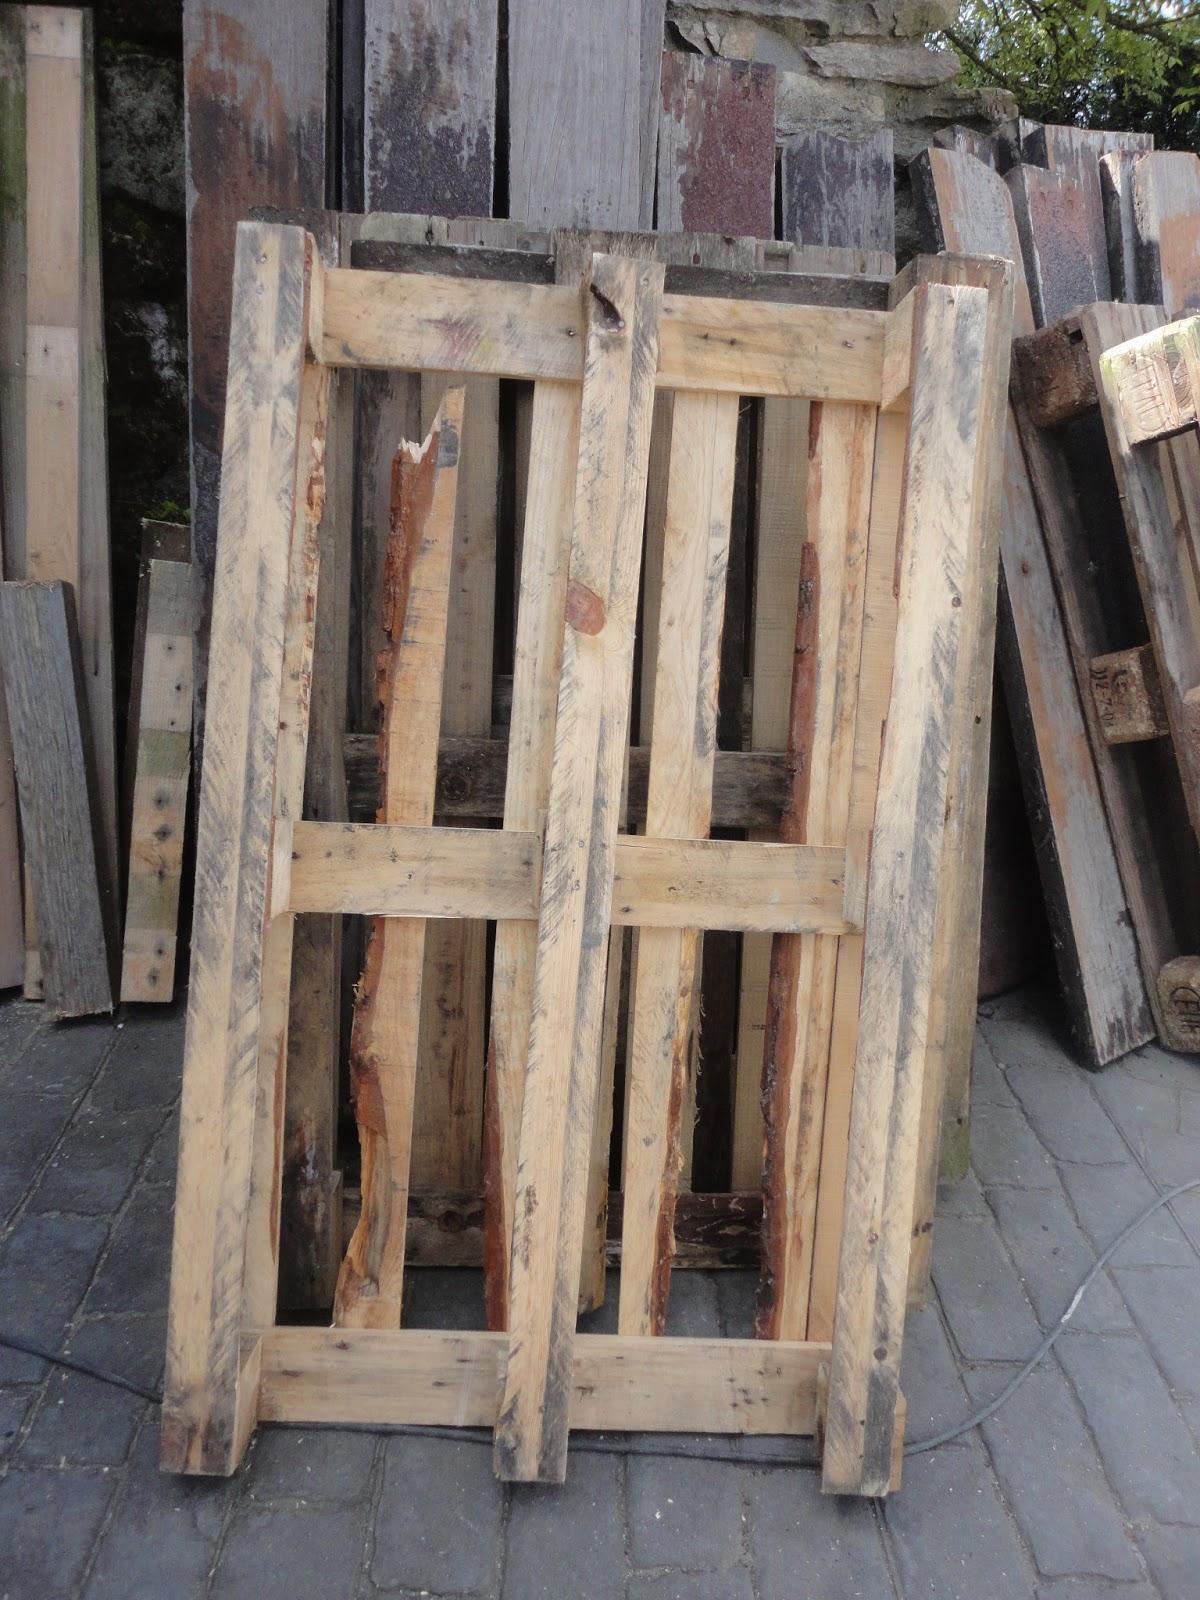 Andocarpinteando reciclaje de palets Reciclaje de palets de madera